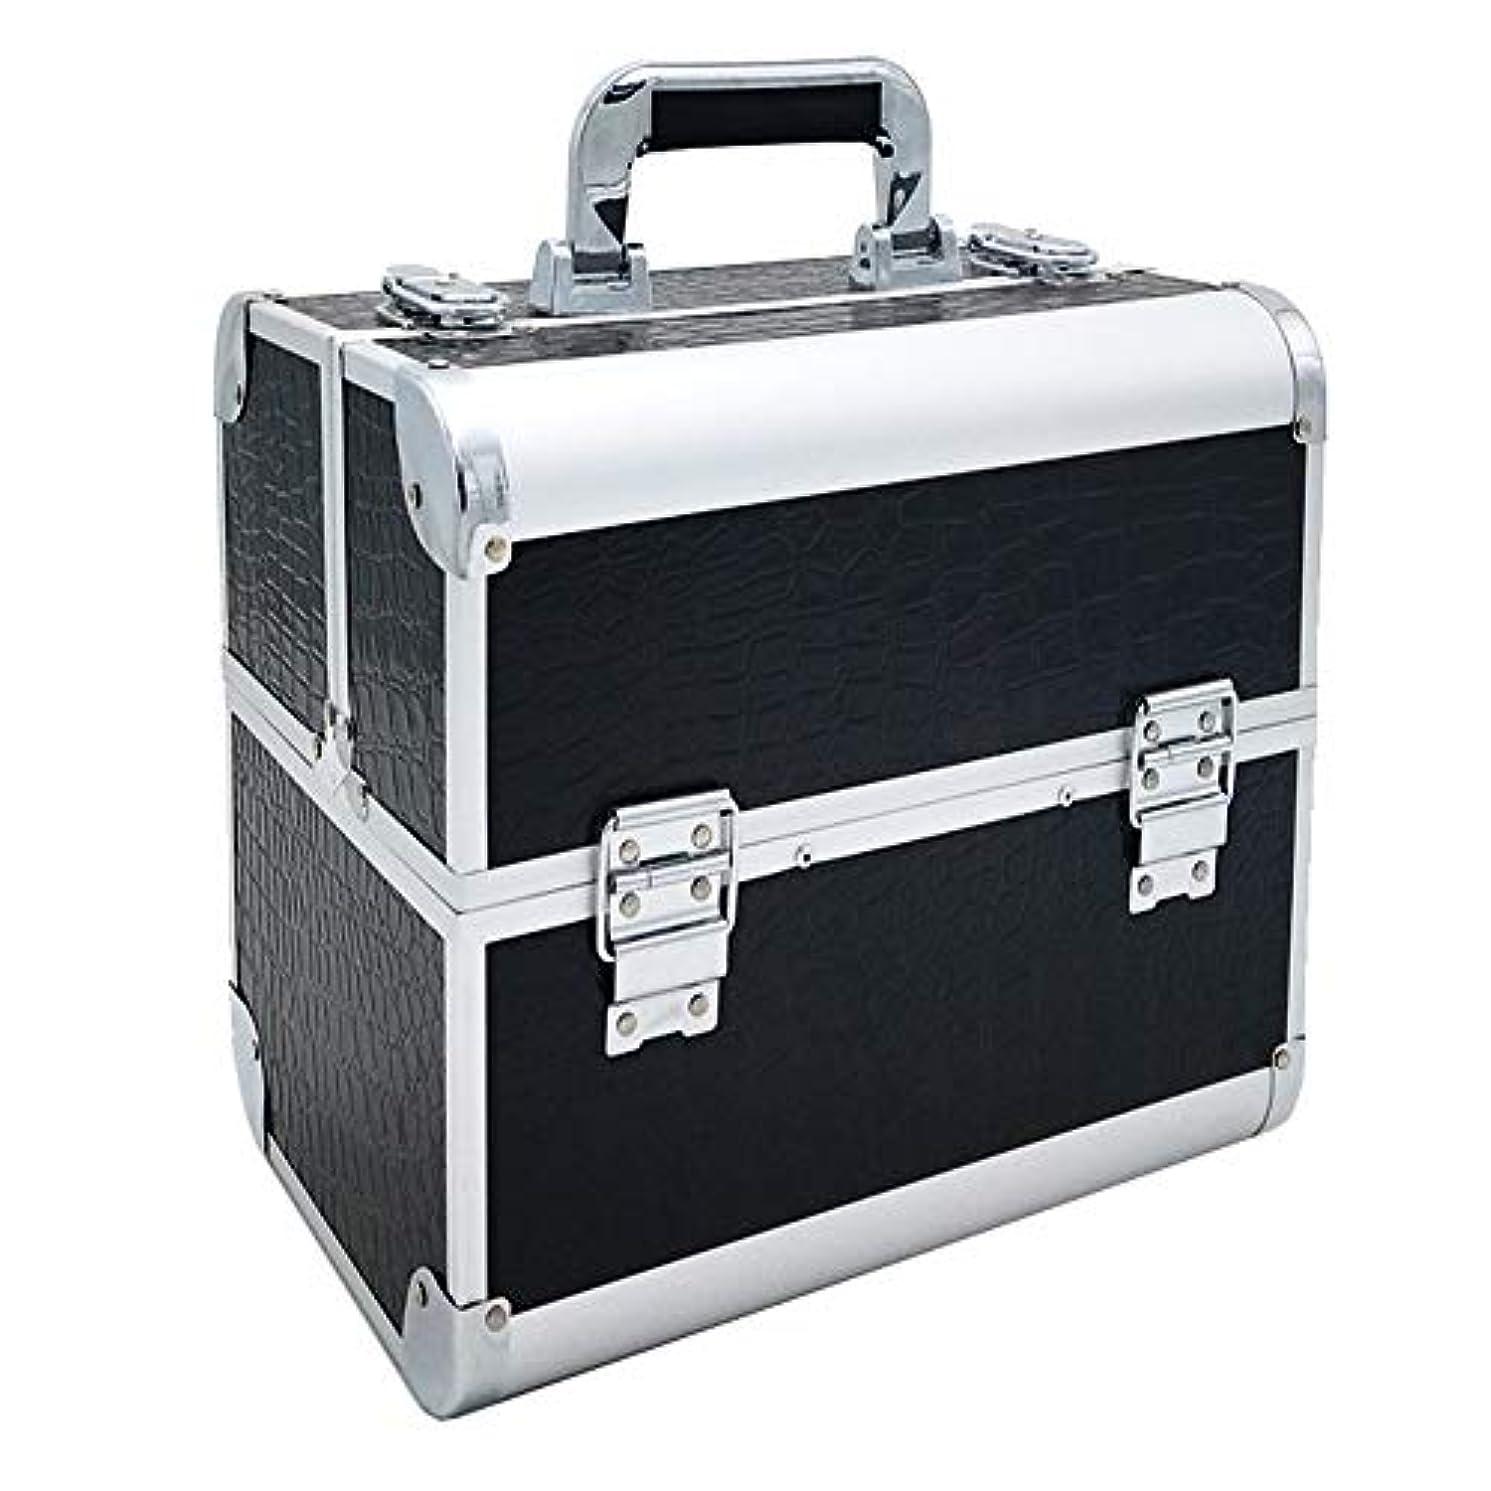 不実コンプライアンス害化粧オーガナイザーバッグ ポータブルプロフェッショナル旅行メイクアップバッグパターンメイクアップアーティストケーストレインボックス化粧品オーガナイザー収納 化粧品ケース